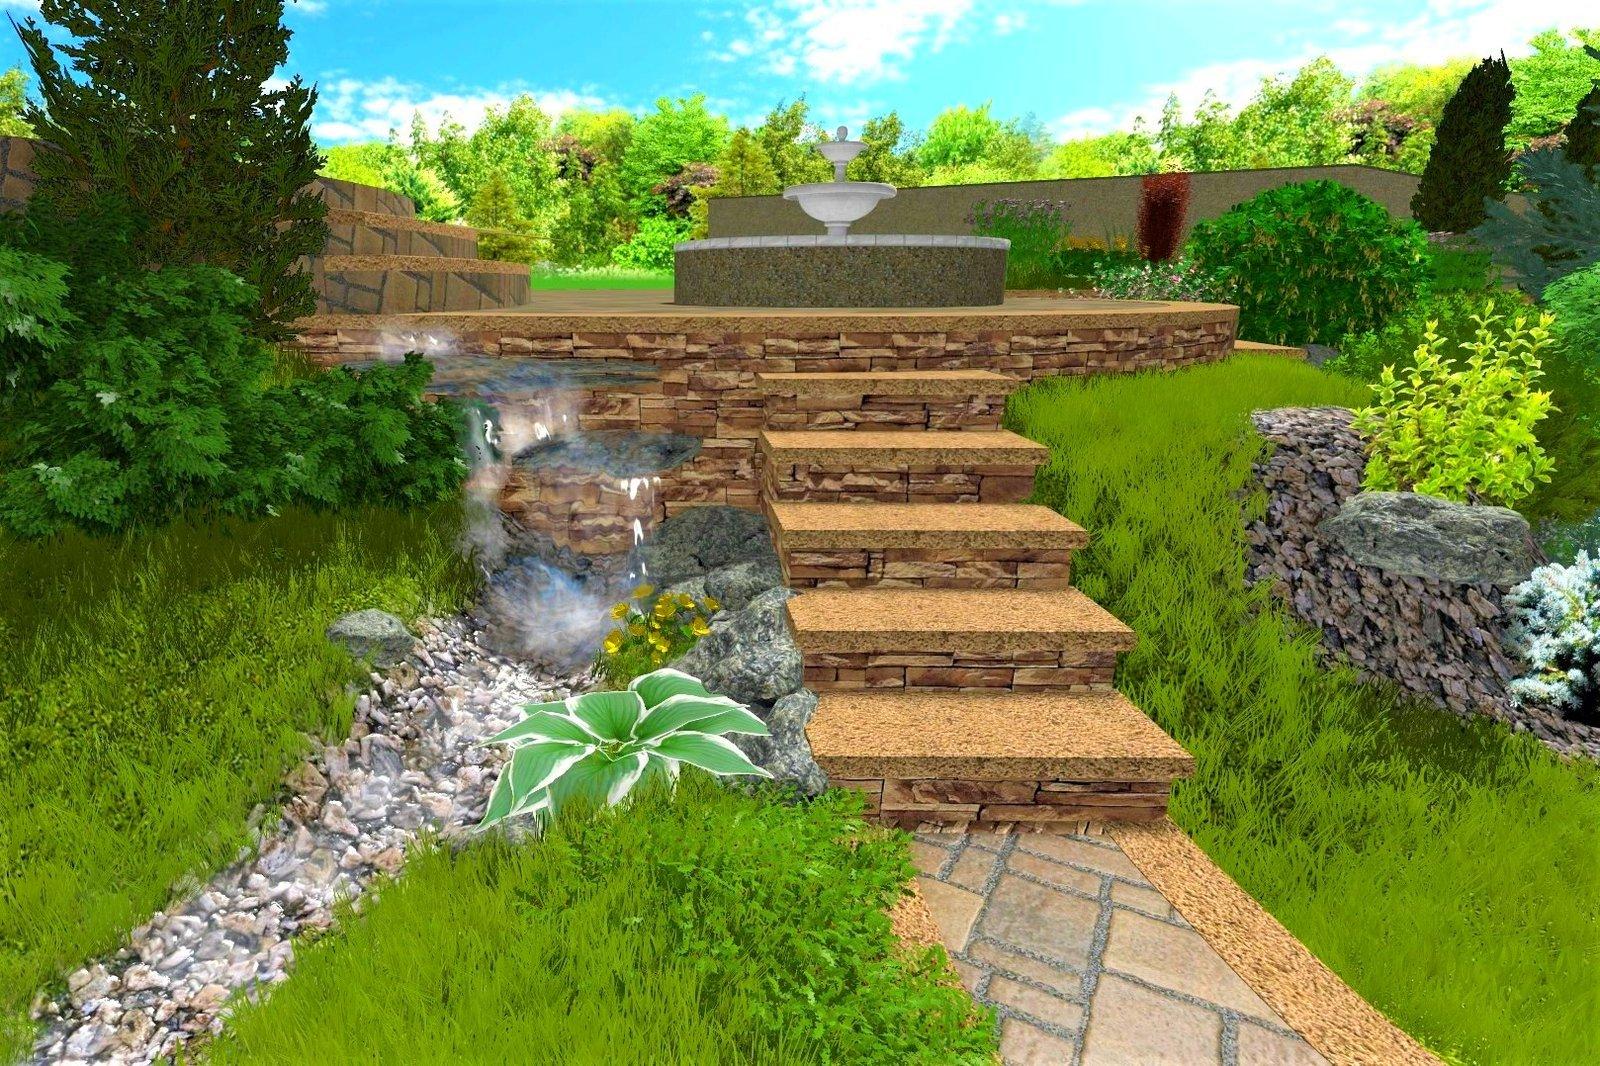 проект водопада на участке в Киеве, проект водопада в саду Киев, проект водопада на даче Киев, проект водопада в Киеве